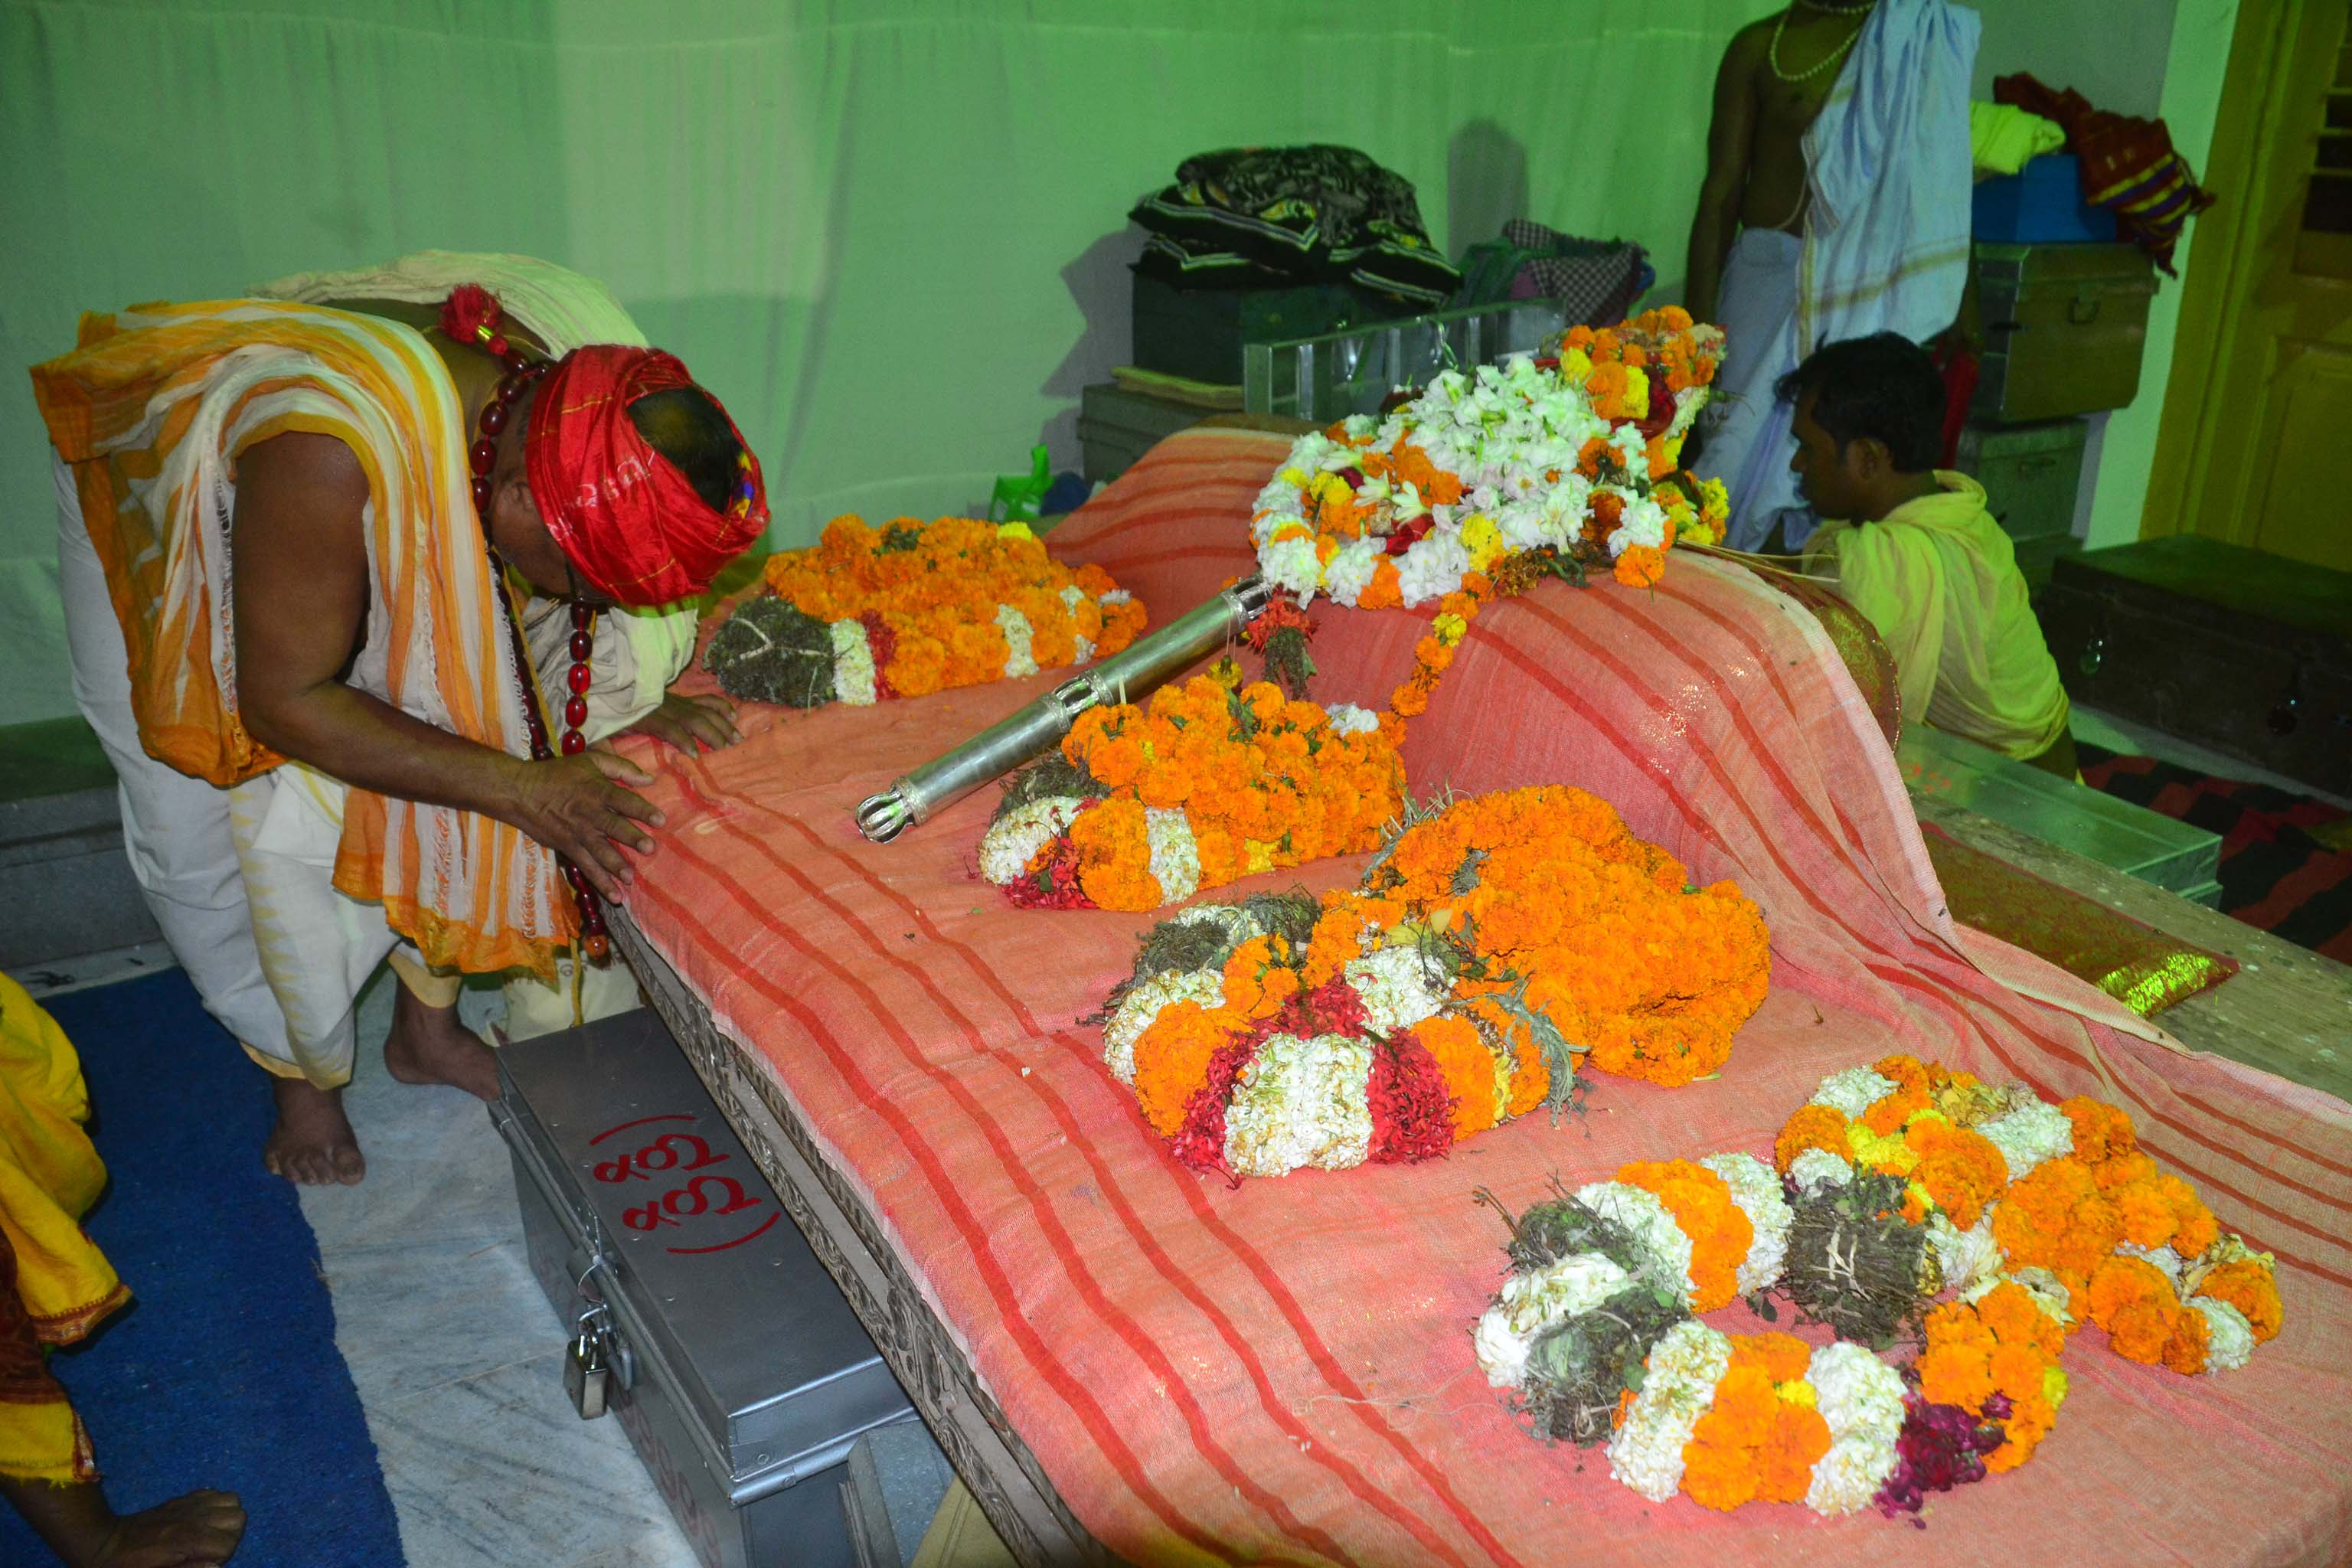 chakara narayana ku biswabasu mundiya maruchhanti (1)